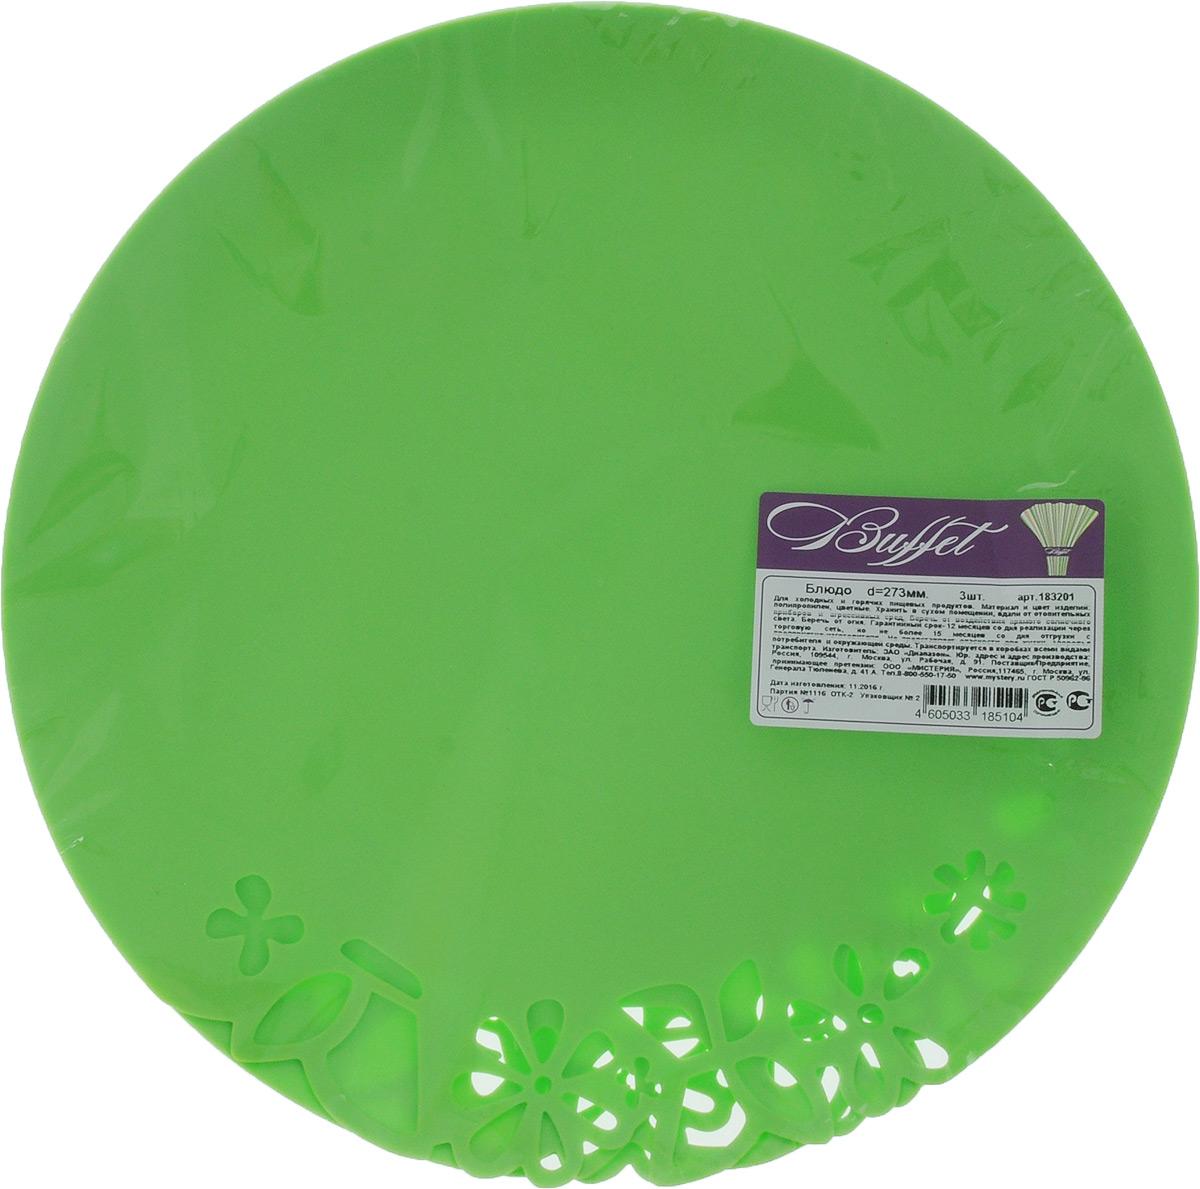 Набор тарелок Buffet, цвет: зеленый, диаметр 27,3 см, 3 шт183201_зеленыйНабор Buffet состоит из трех тарелок, оформленных декоративной перфорацией. Изделия, изготовленные из высококачественной полипропилена, сочетают в себе изысканный дизайн с максимальной функциональностью. Тарелки предназначены для холодных и горячих (до +70°С) продуктов. Такие тарелки незаменимы в поездках на природу и на пикниках.Диаметр тарелки: 27,3 см.Высота стенки: 1,5 см.